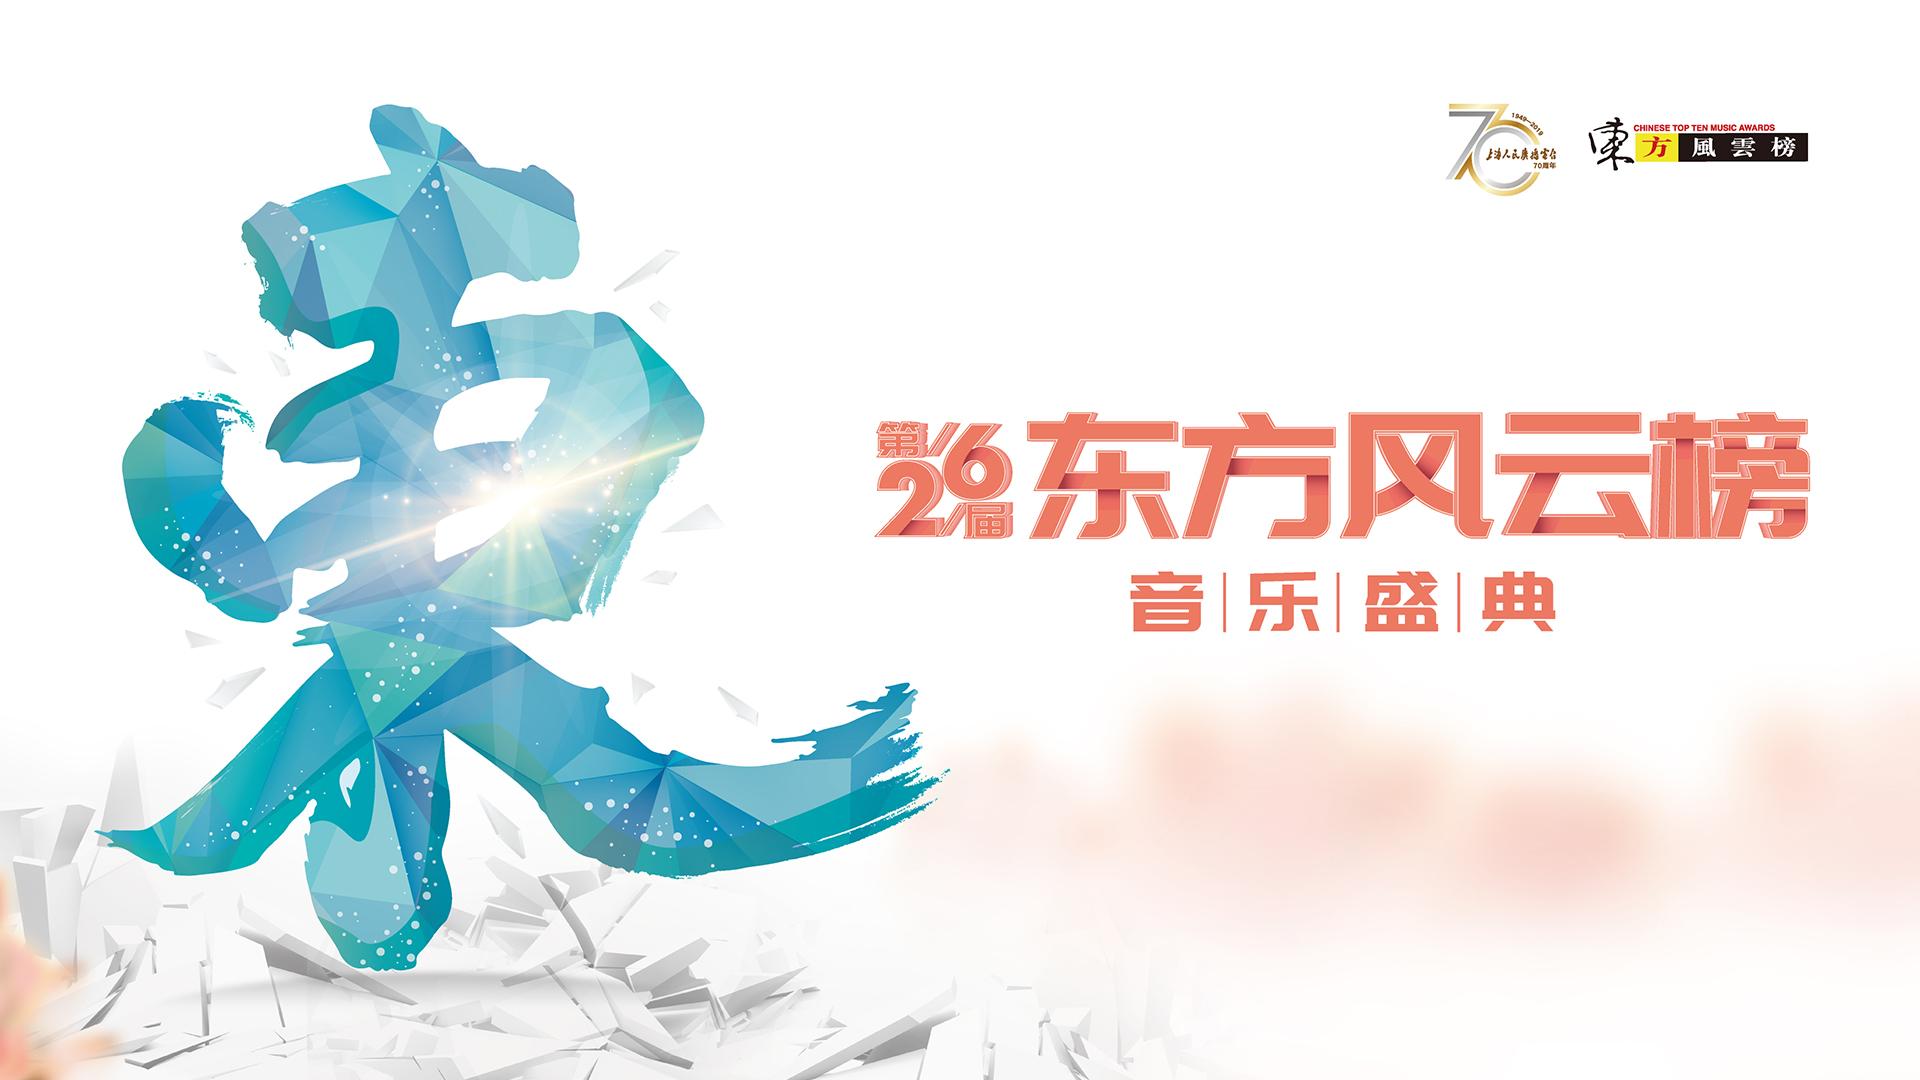 第26届东方风云榜 十大金曲奖揭晓,蔡徐坤冯提莫上榜_LiveMusic 2019